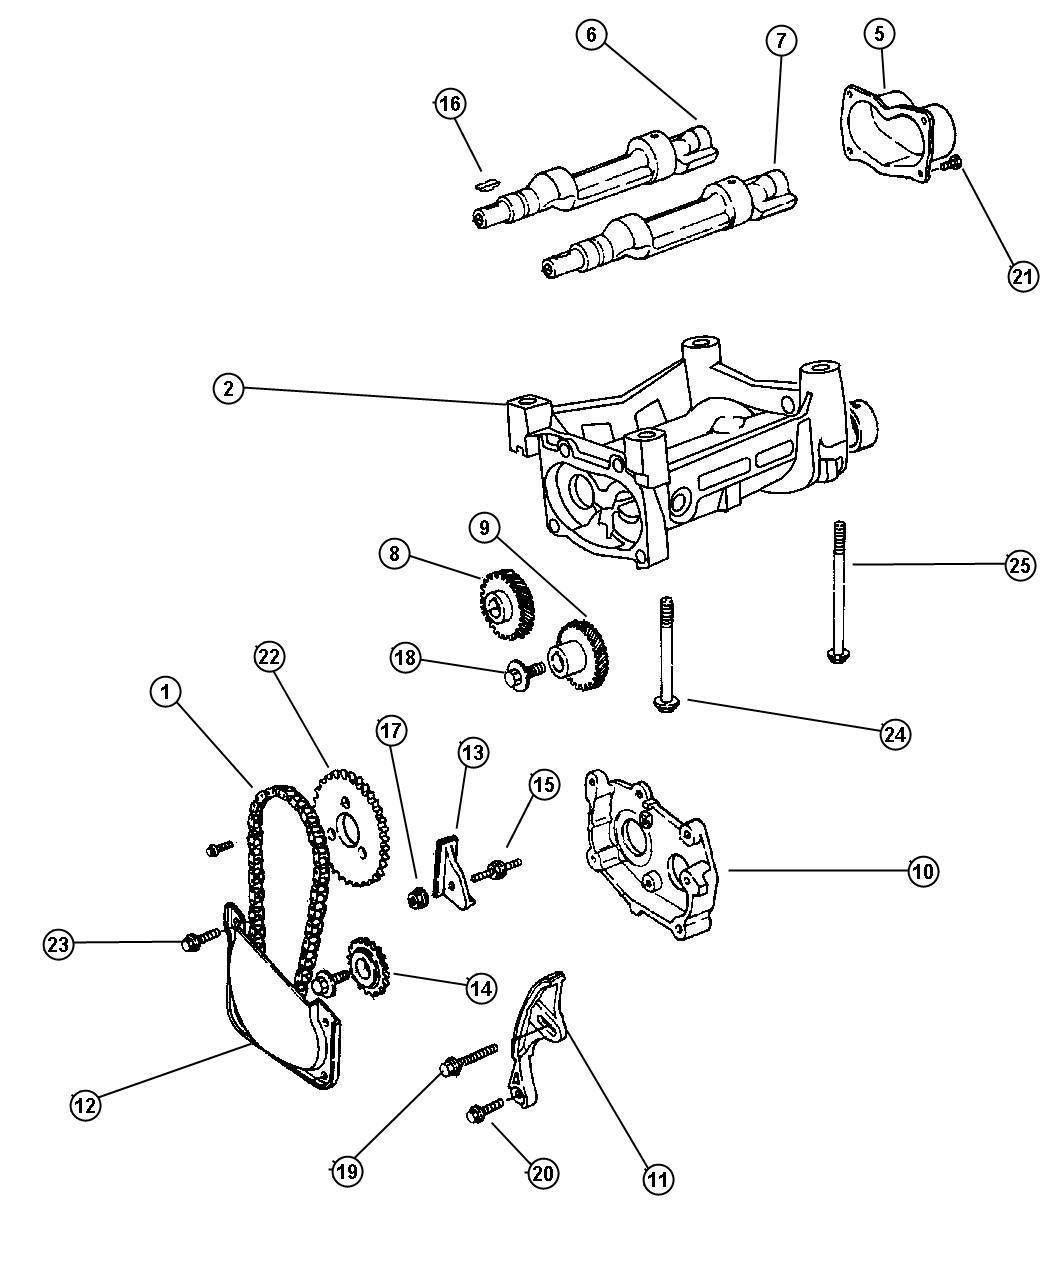 Chrysler Pt Cruiser Chain Balance Balance Shaft